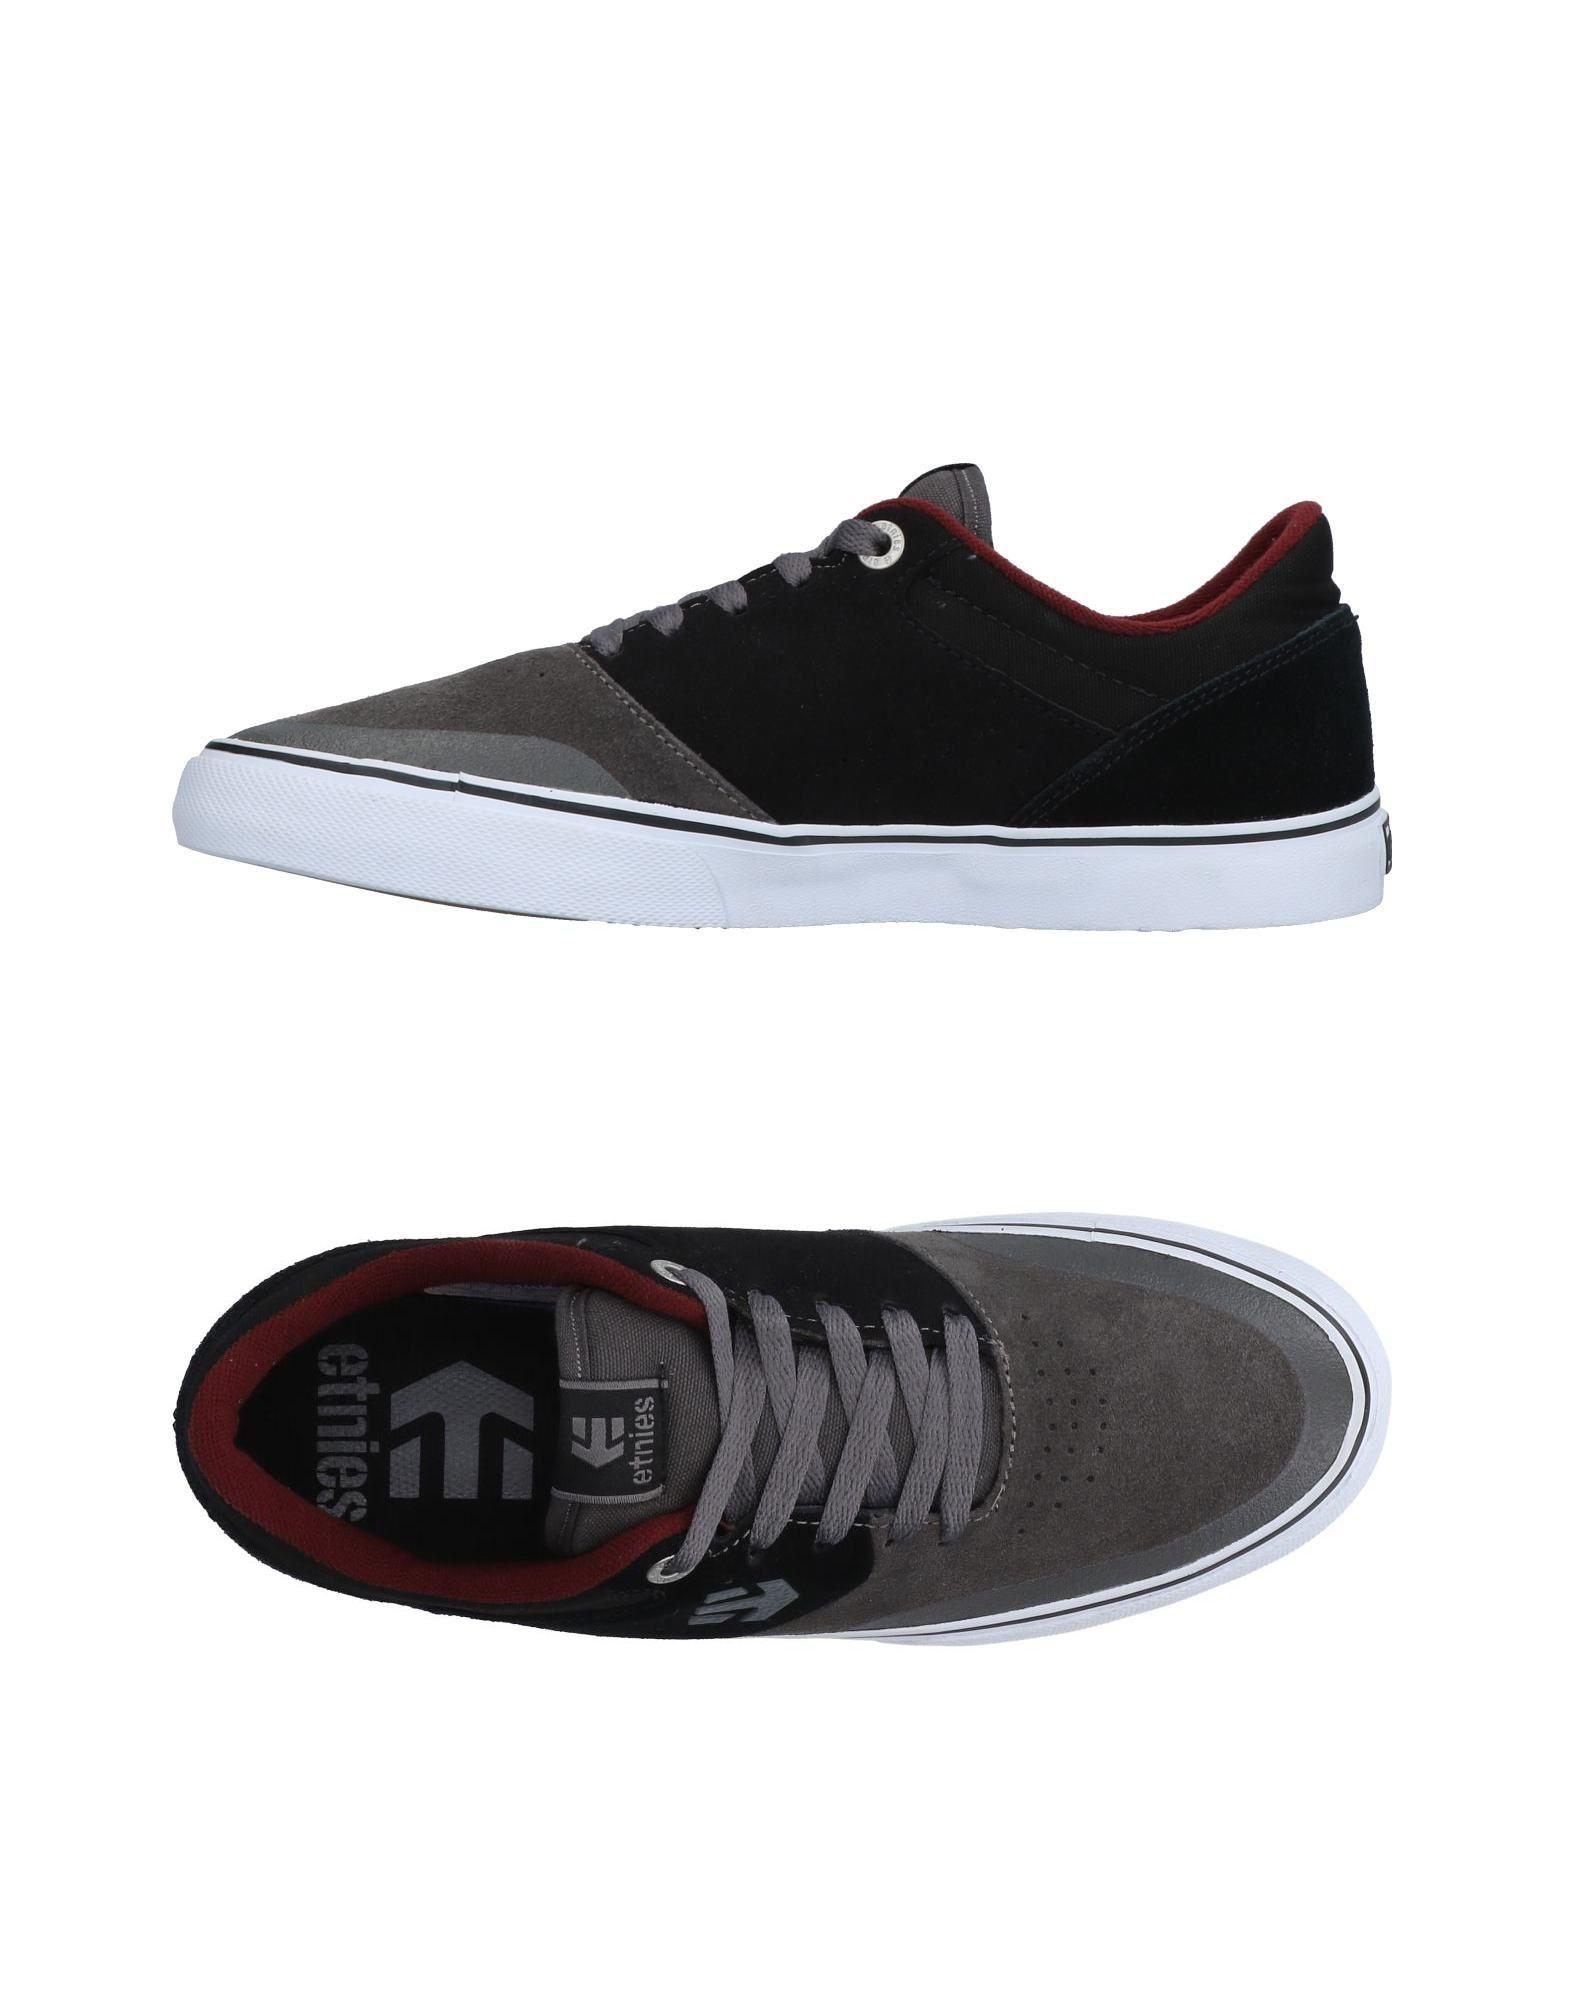 Etnies on Sneakers - Men Etnies Sneakers online on Etnies  Australia - 11511927EA cd0316